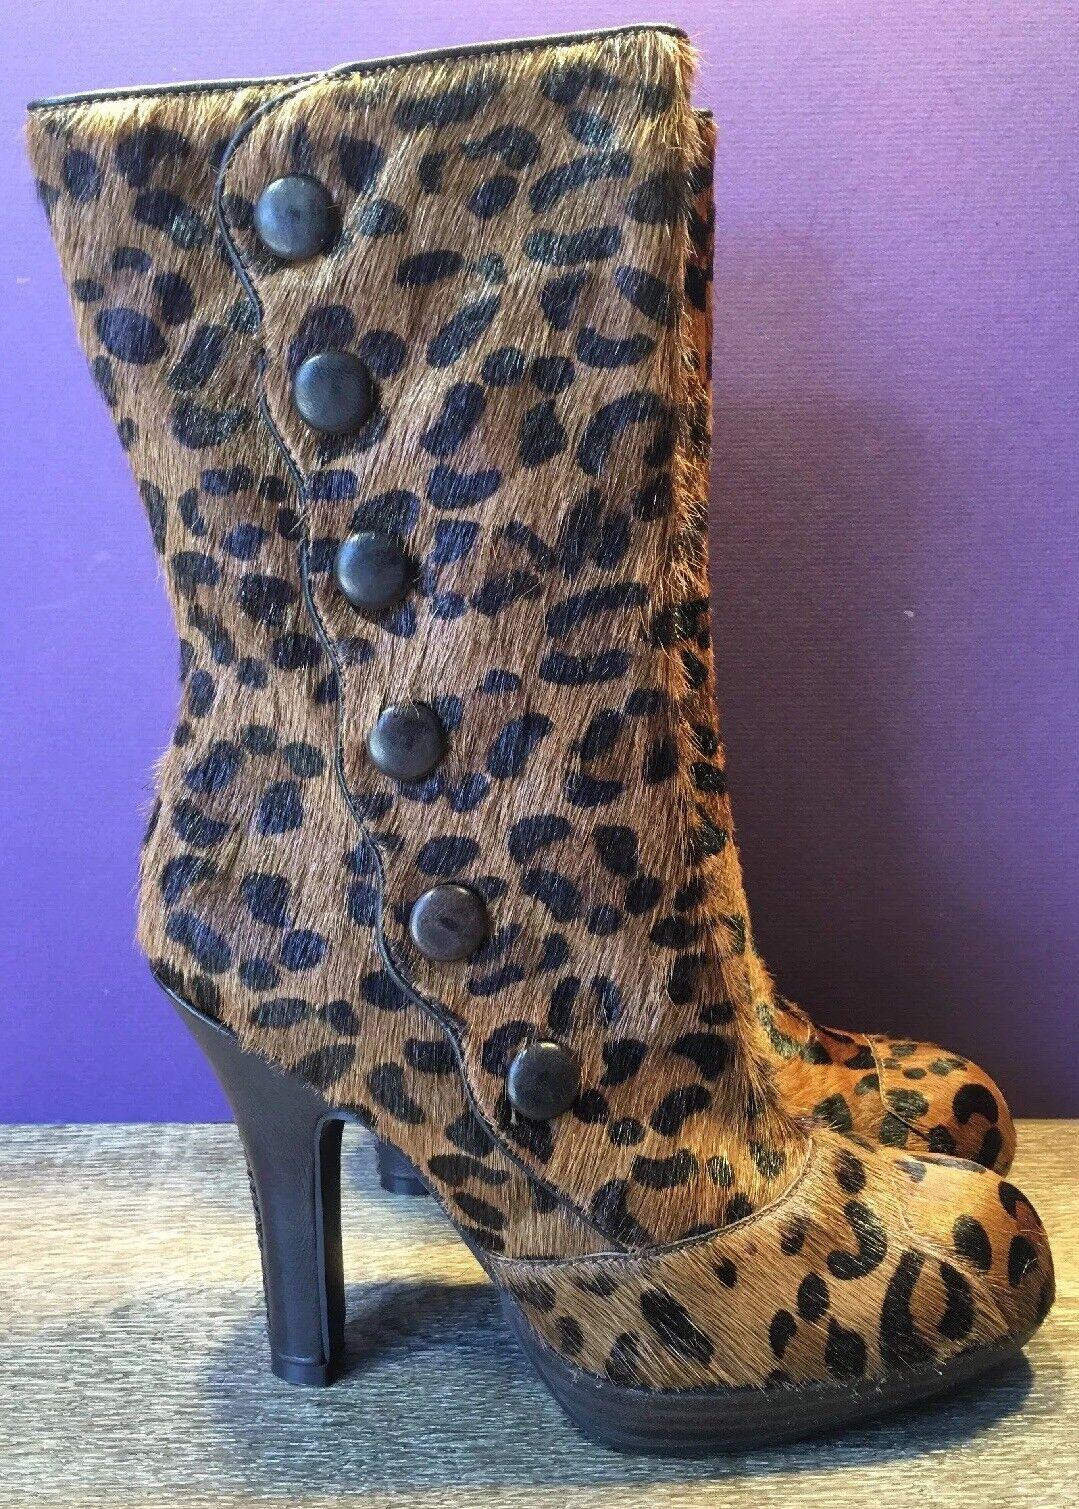 Nuevo Sam Edelman Marrón para Mujer Estampado De Leopardo Pelo Pantorrilla botas Taco Alto M